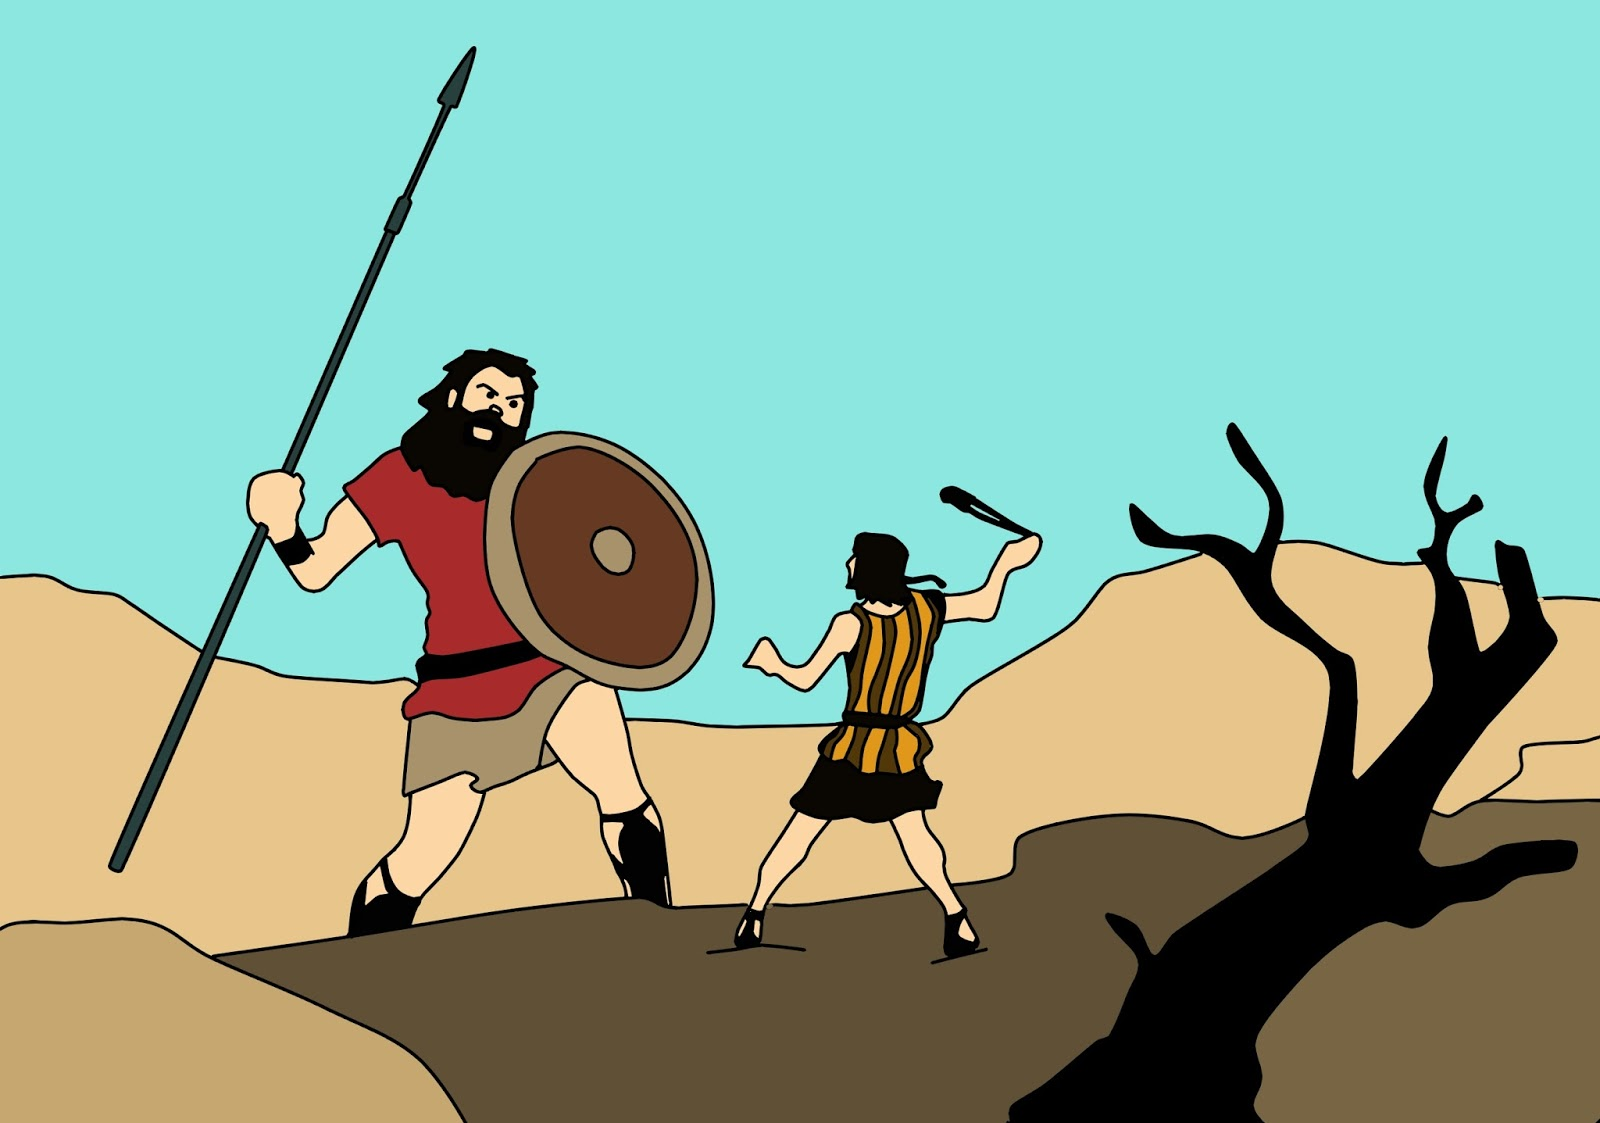 Aprendendo com Davi, Davi derrotou Golias, Davi derrotou o gigante, Blog Dança Cristã, Por Milene Oliveira